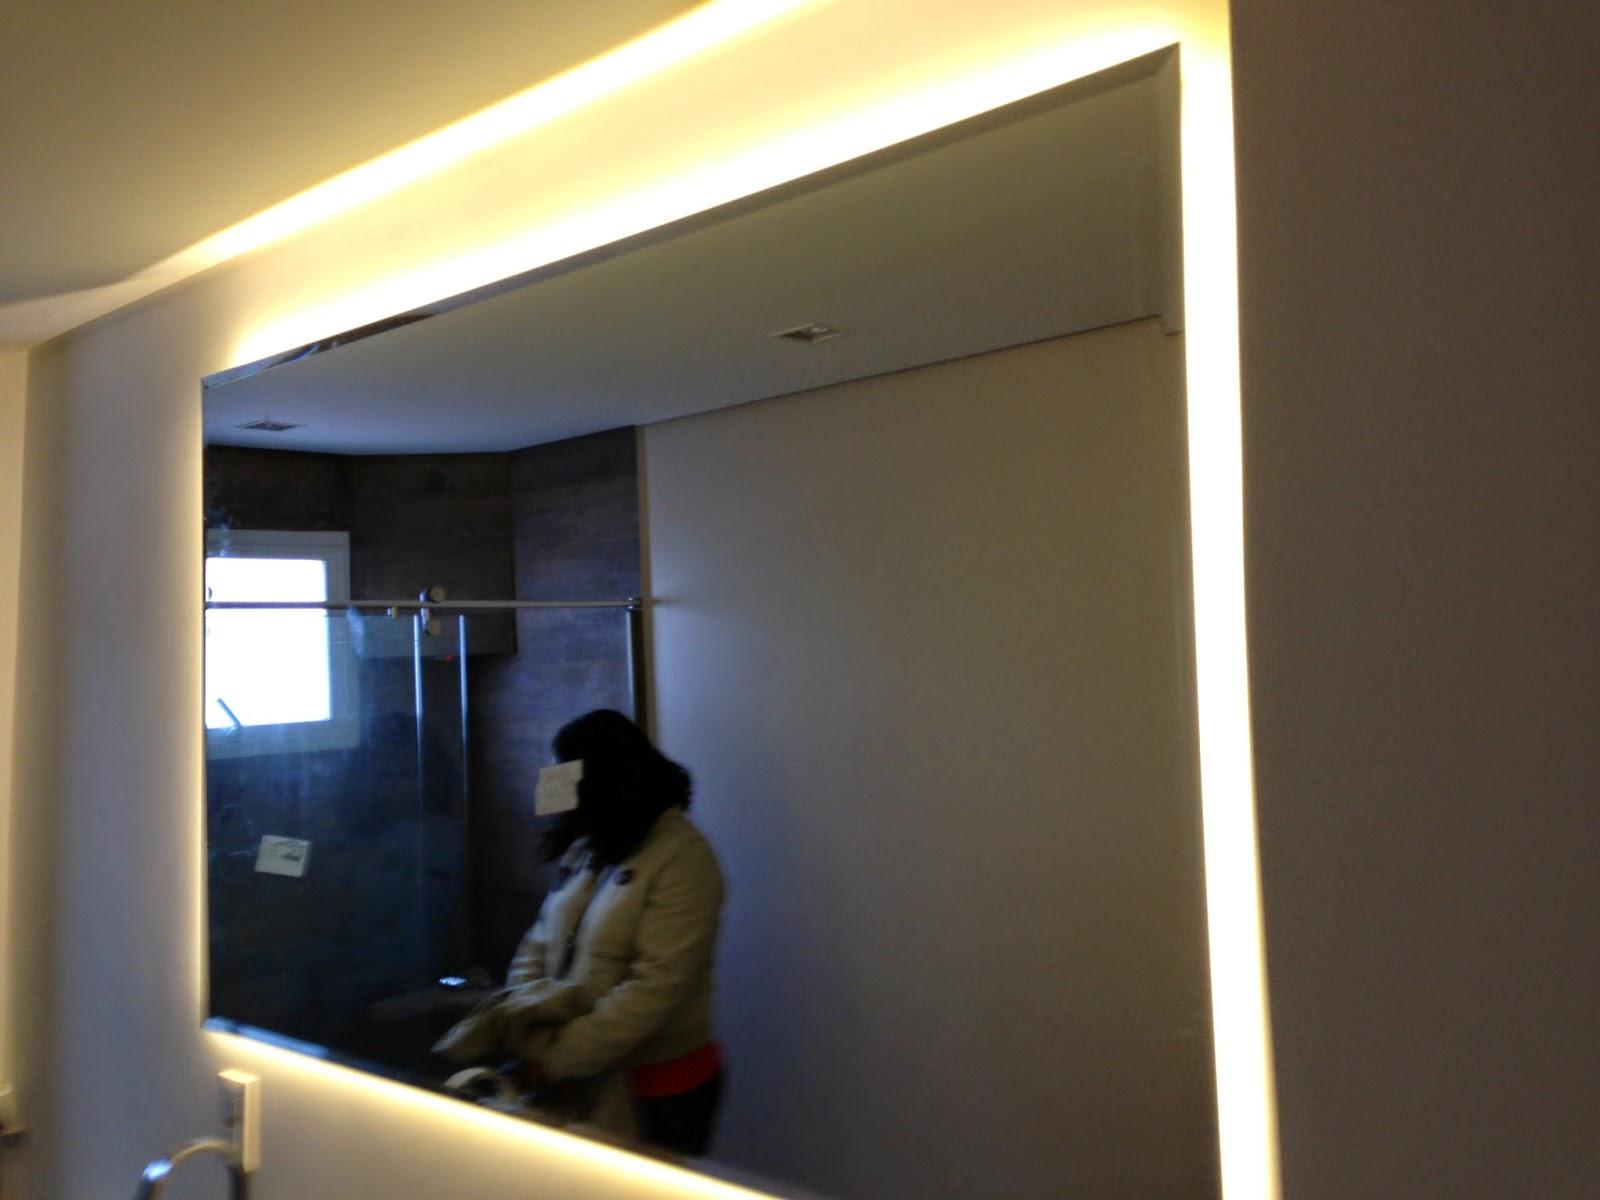 foto promoçao de espelhos